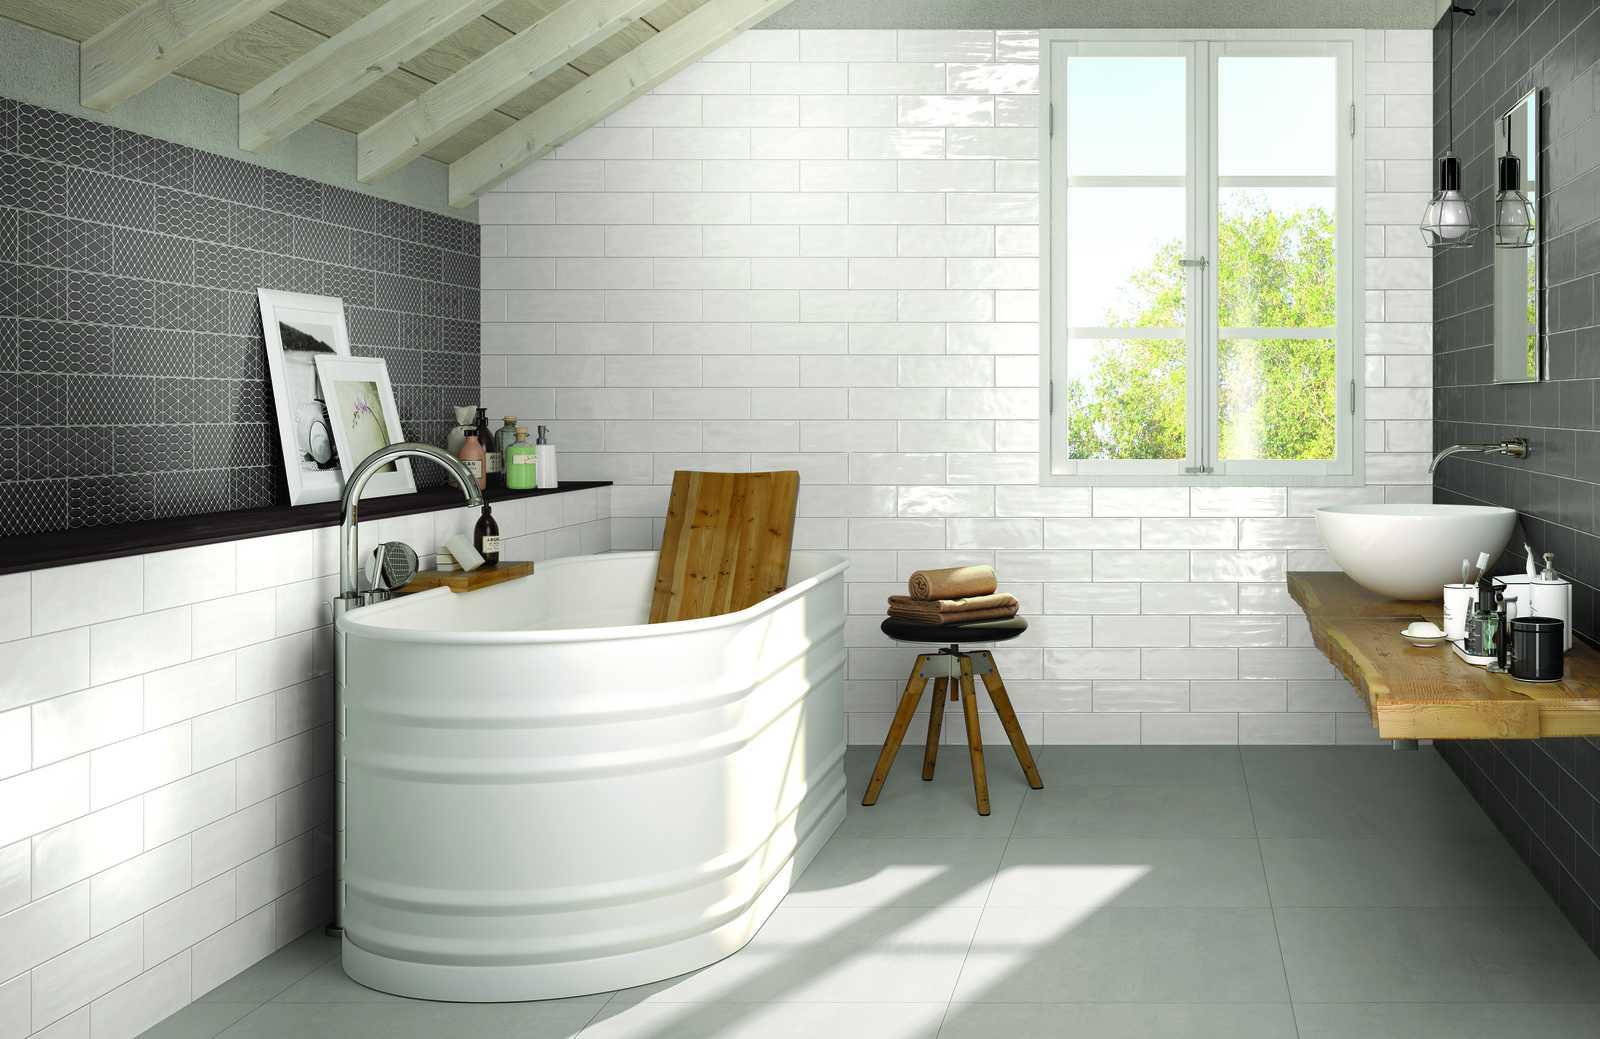 abbastanza Collezione Brick Glossy: Rivestimenti per cucina e bagno | Ragno NK59